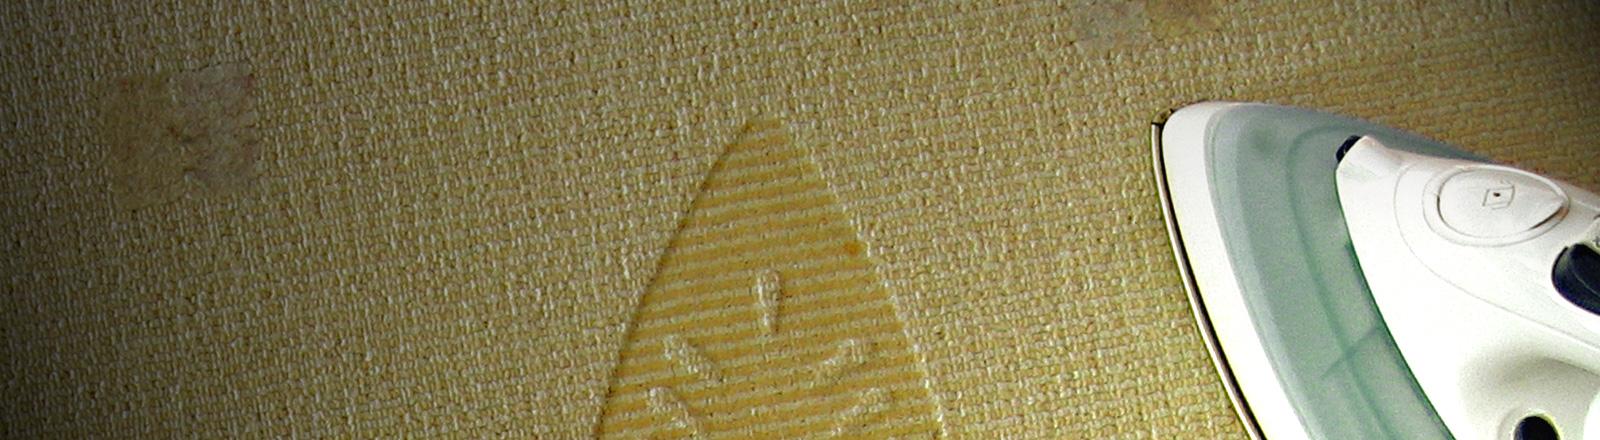 Ein Bügeleisen steht auf einem Teppich. Daneben ist der Abdruck des Bügeleisens im Teppich erkennbar.